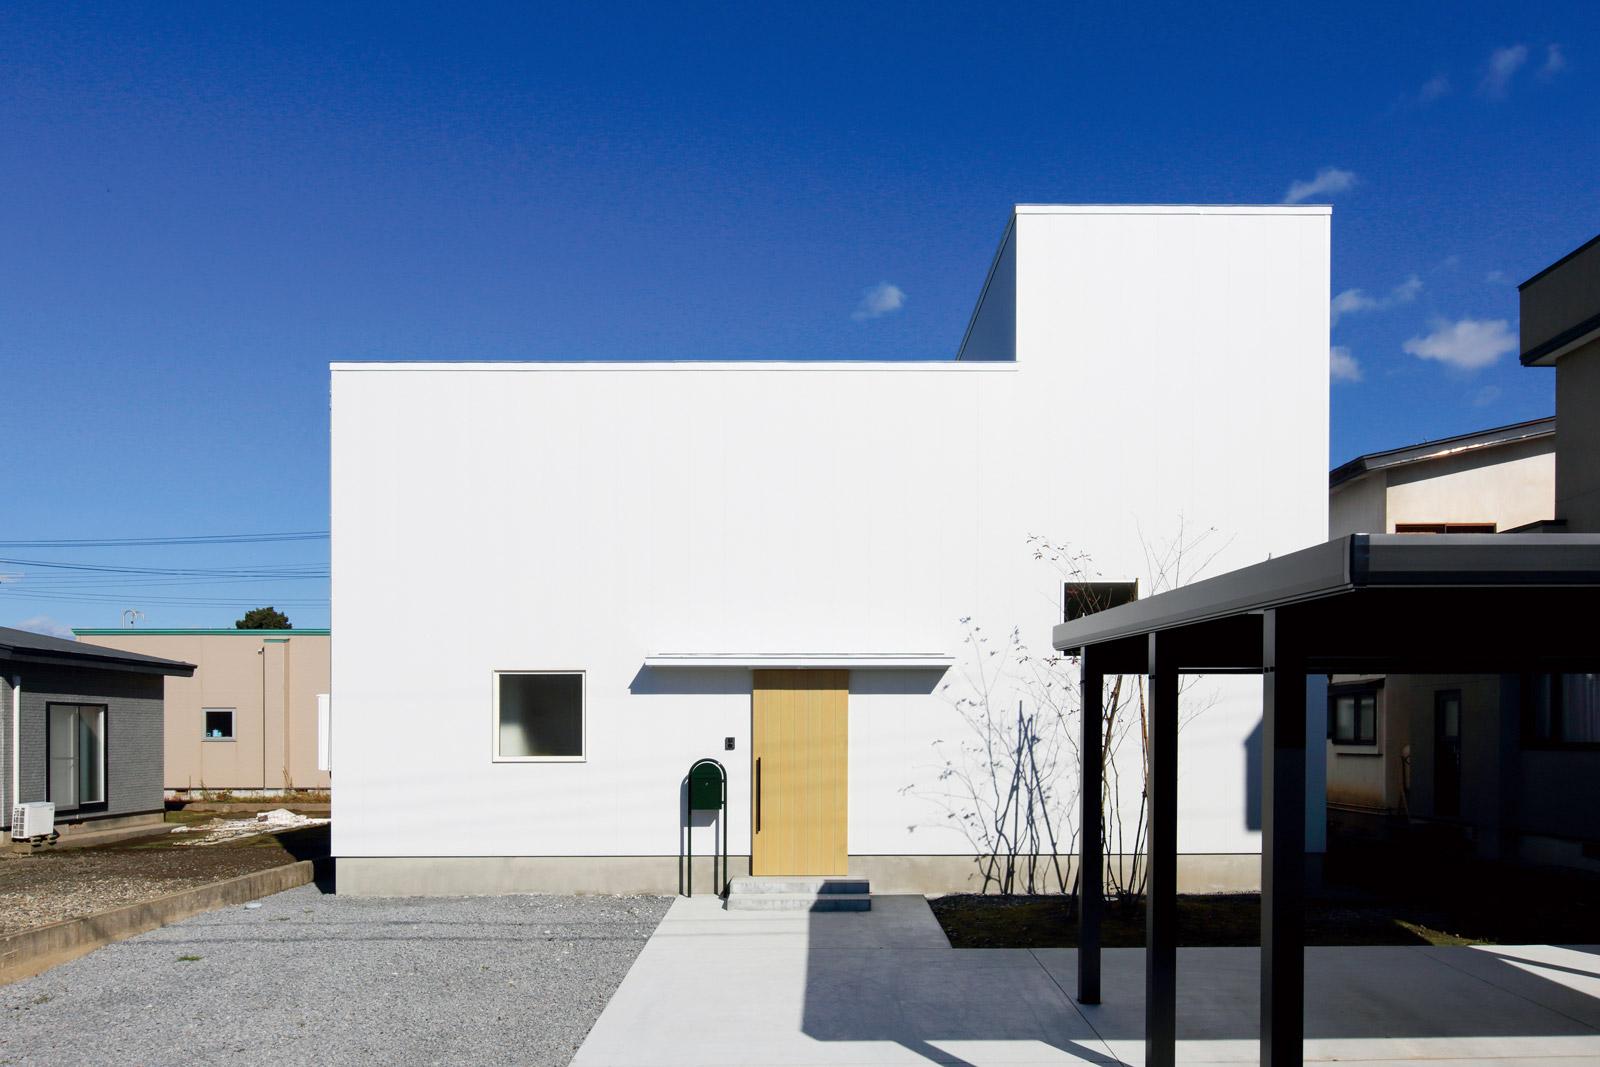 南側外観。4棟の隣家に囲まれており、それぞれの住宅の高さに合わせて視線を制御している